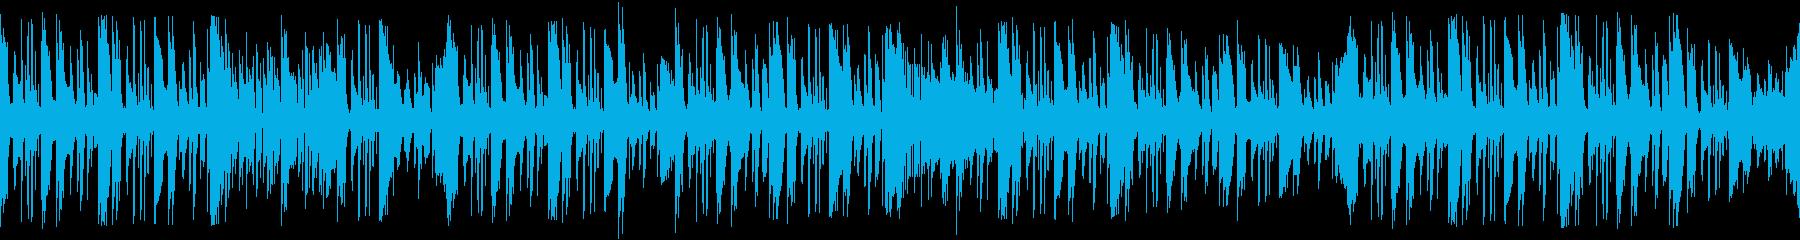 ゲームで選択しているときに流れるBGMの再生済みの波形